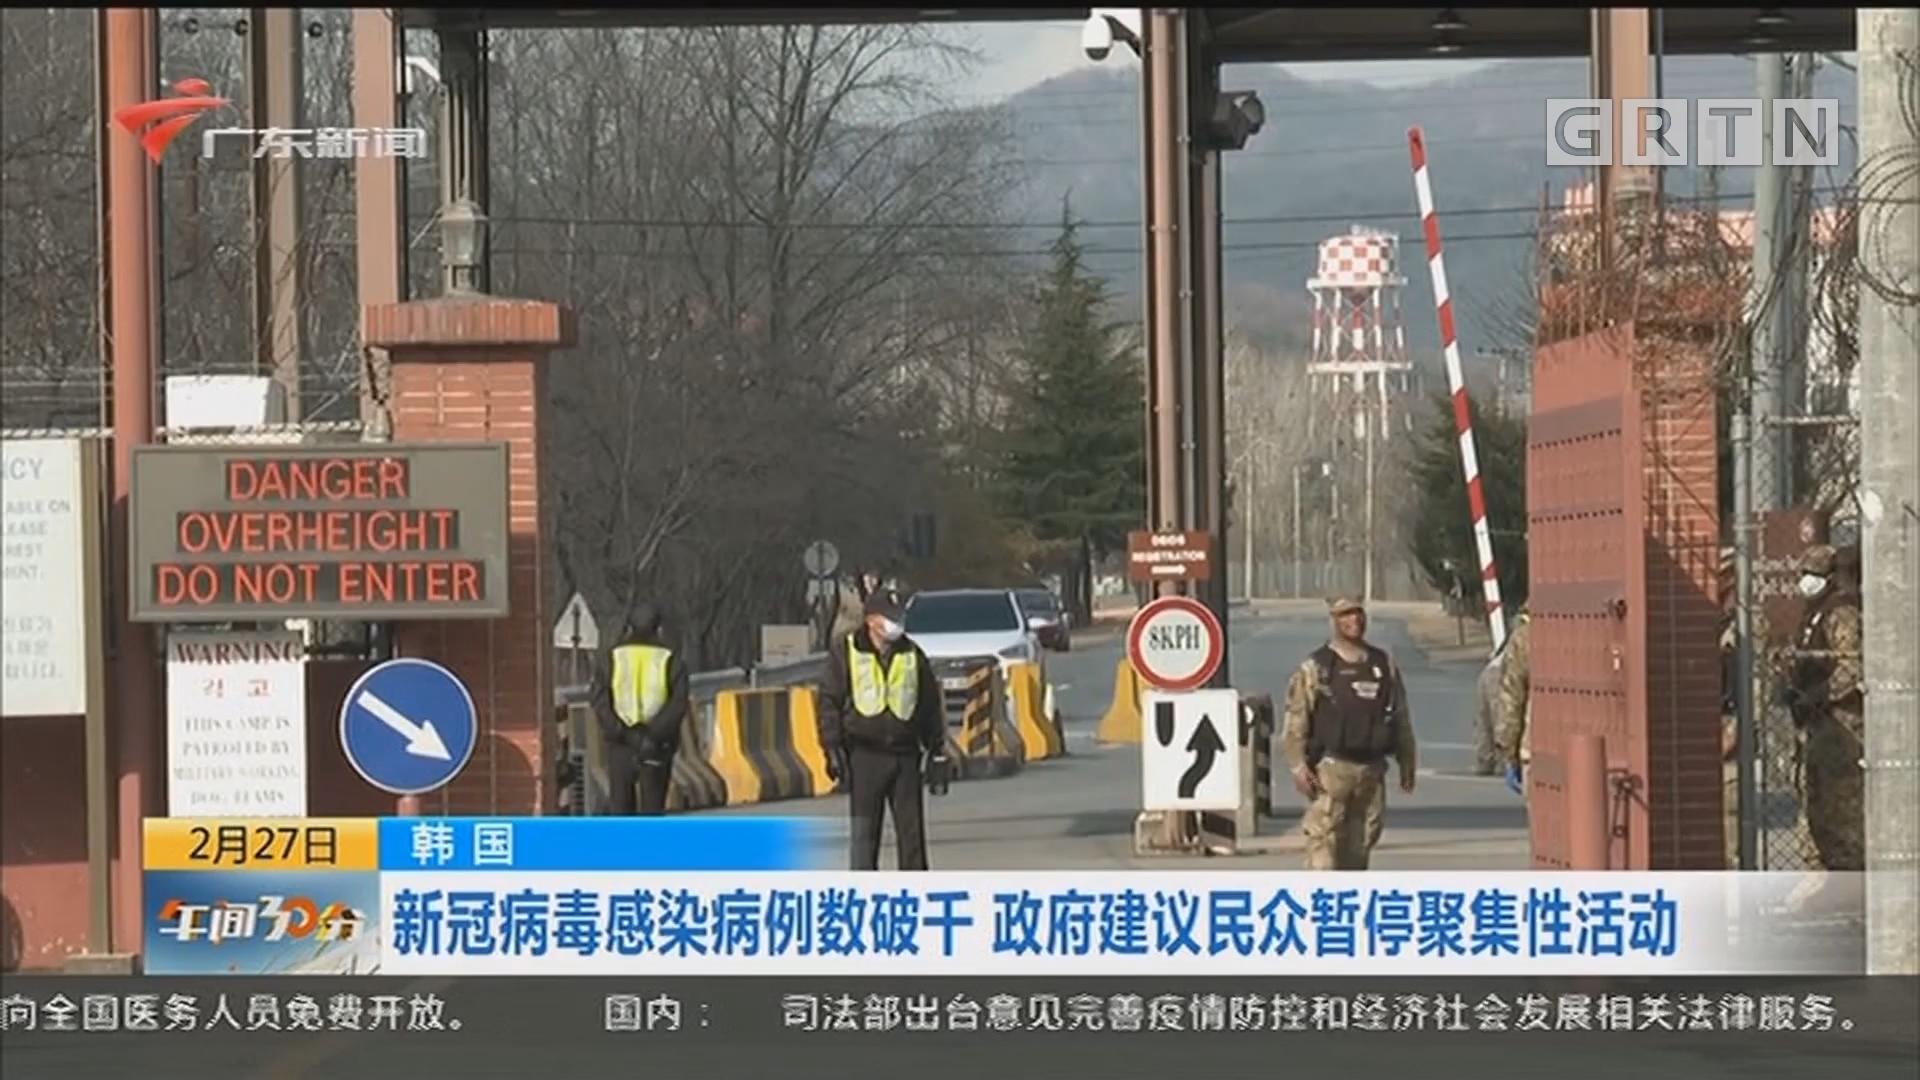 韩国:新冠病毒感染病例数破千 政府建议民众暂停聚集性活动